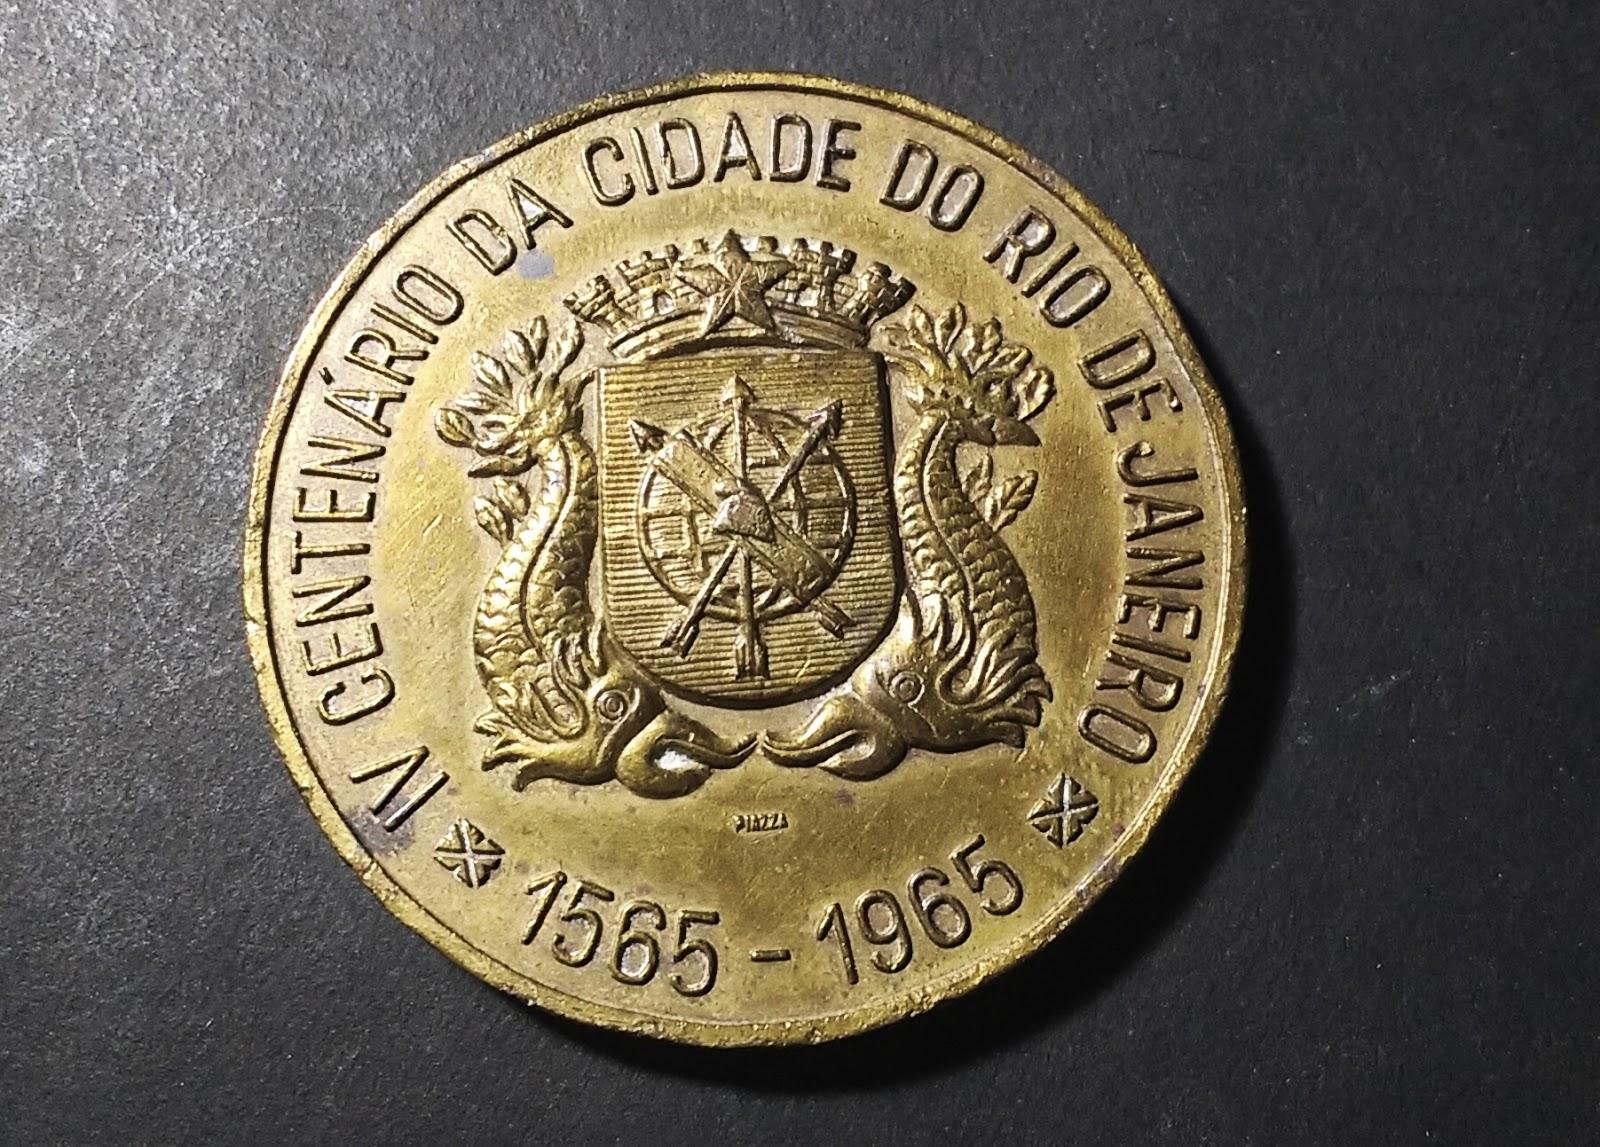 Acervo Vascolecionismo  Medalha do IV Centenário da Cidade do Rio de ... d2e36f17c4120